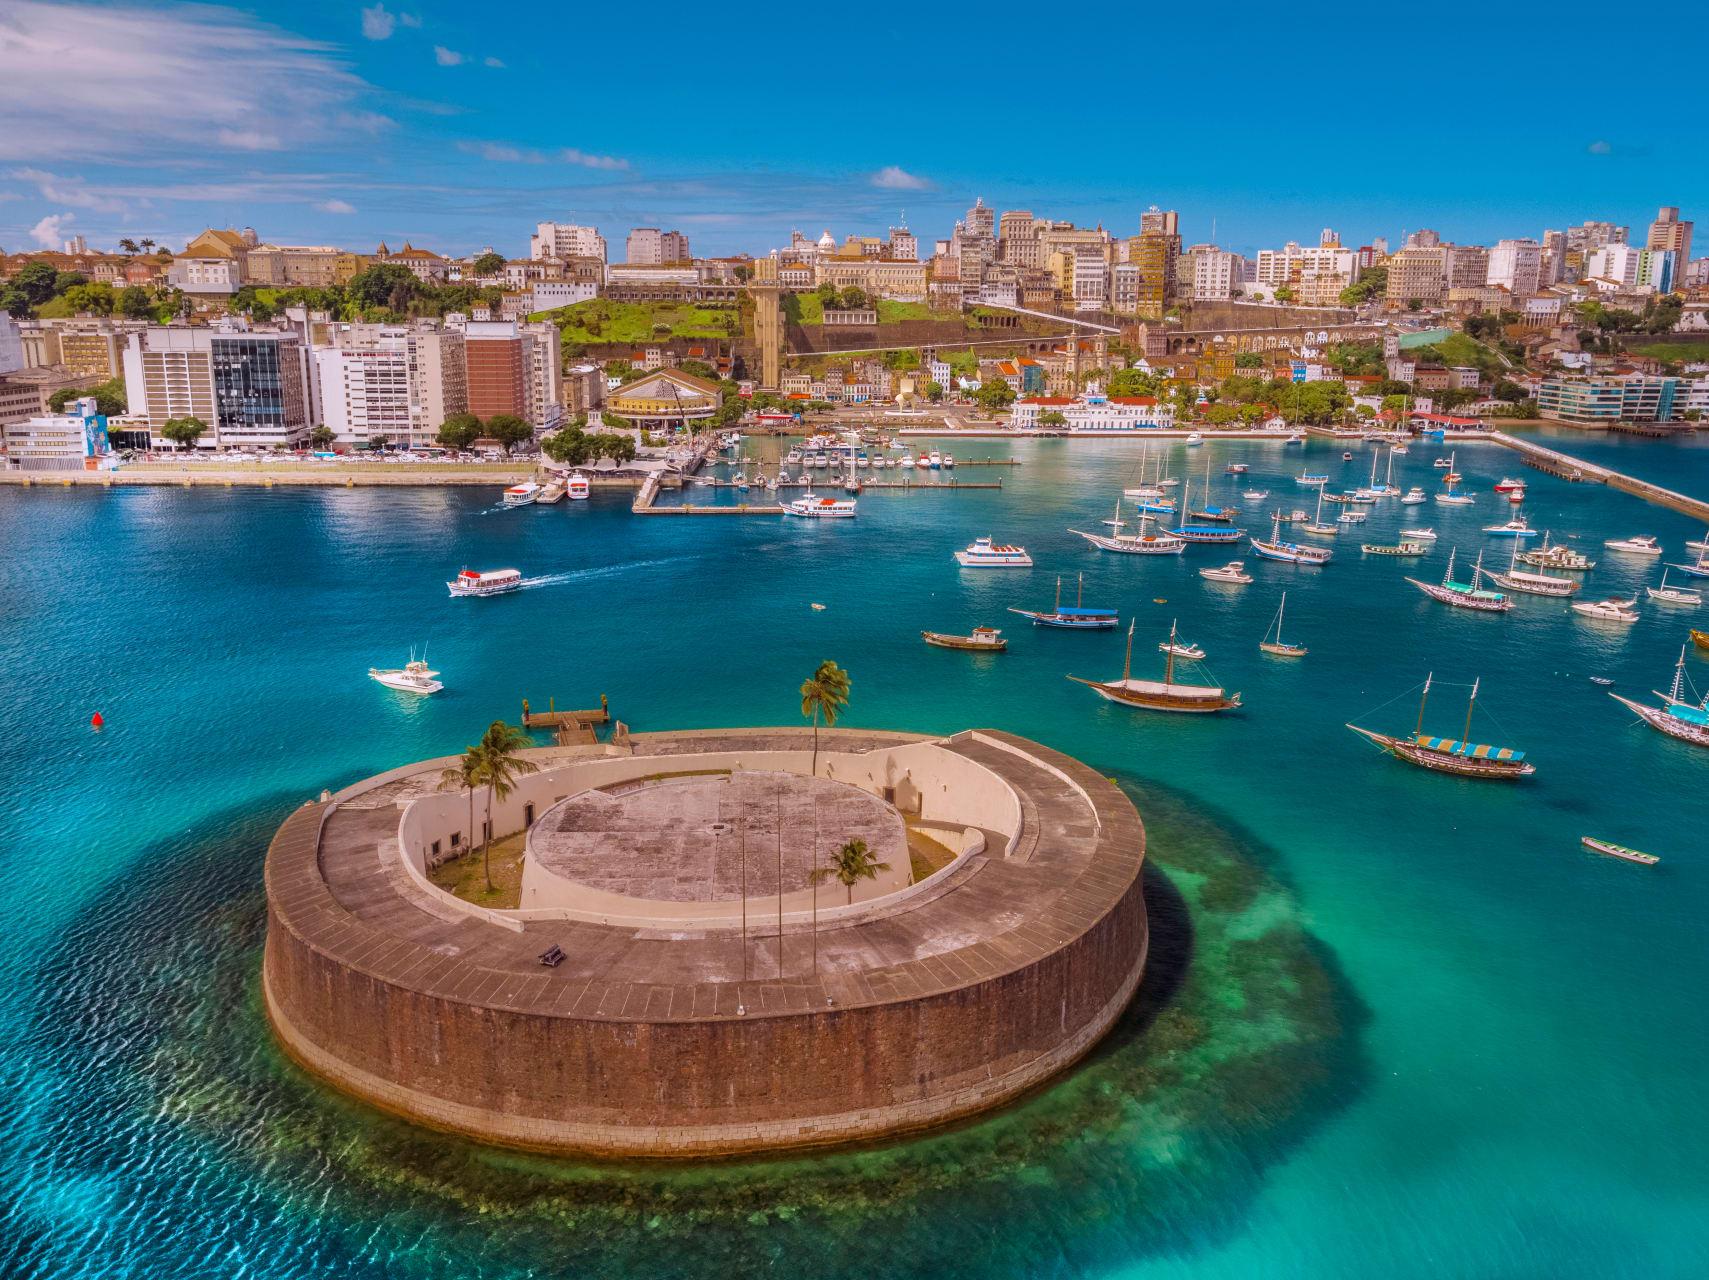 Salvador Bahia - Salvador Part 1: Brazilian First Capital and UNESCO Creative Musical City